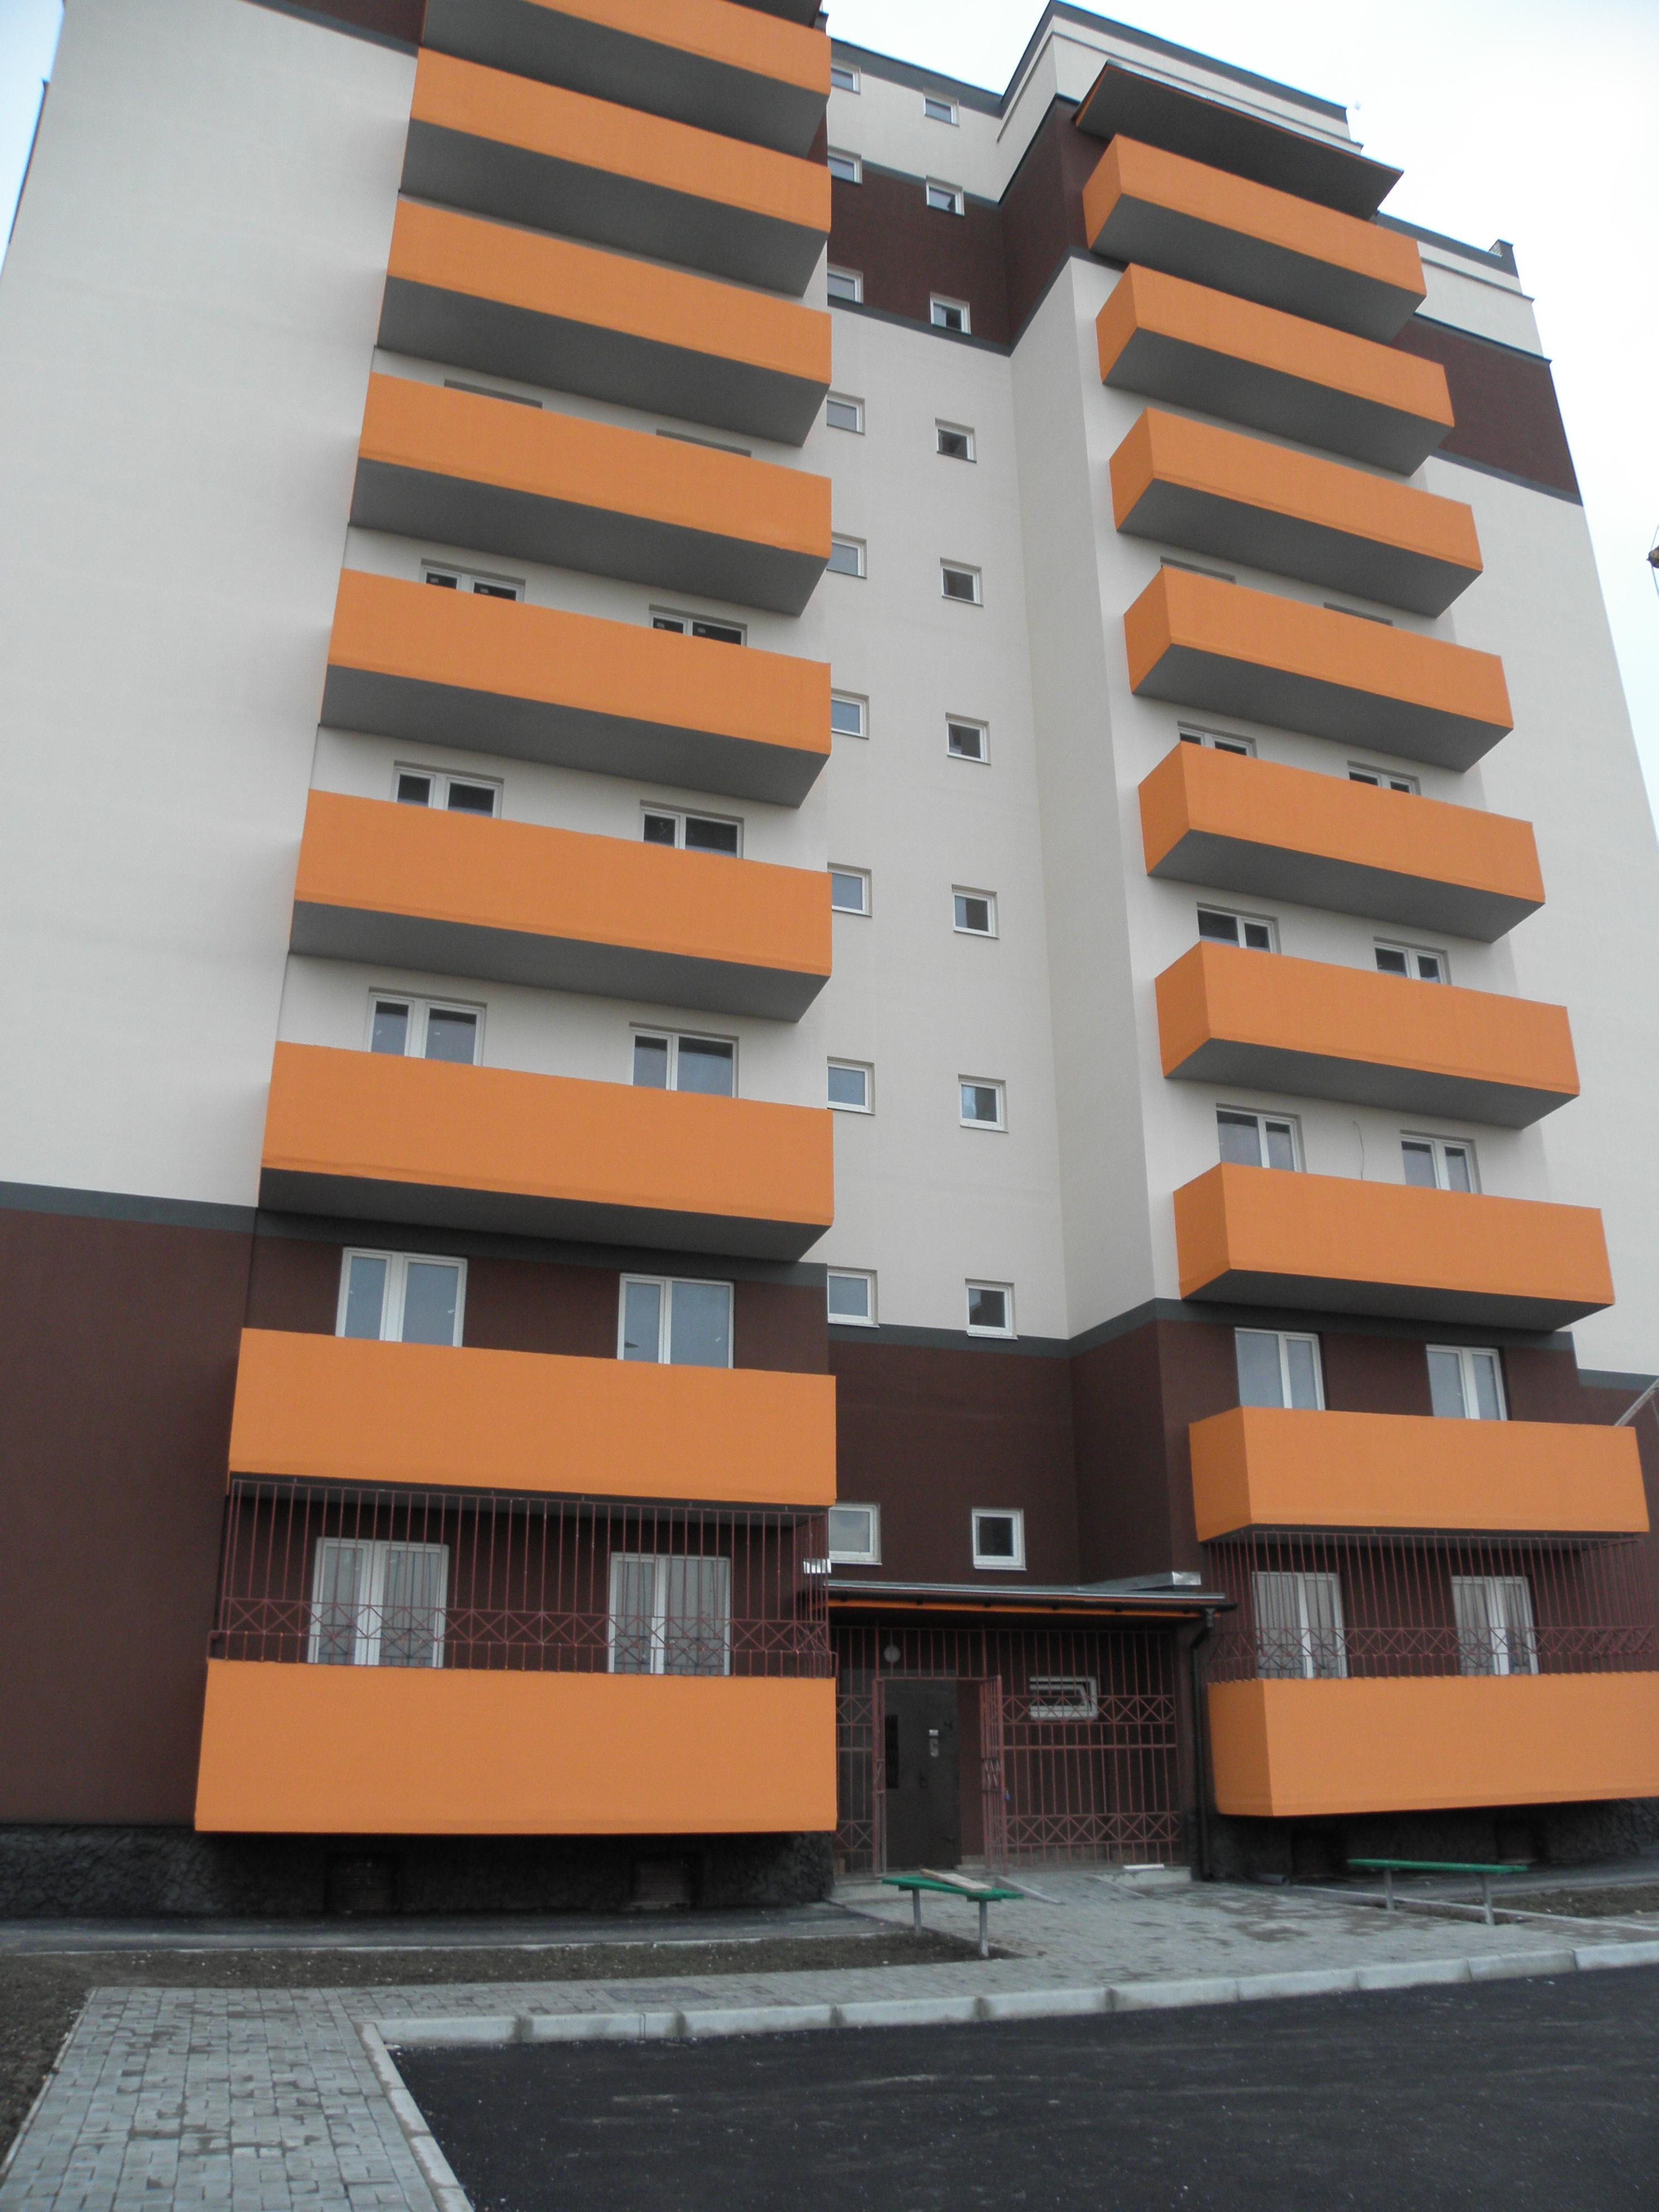 Пдготовка до урочистистостей з нагоди введення в експлуатацію нового житлового будинку